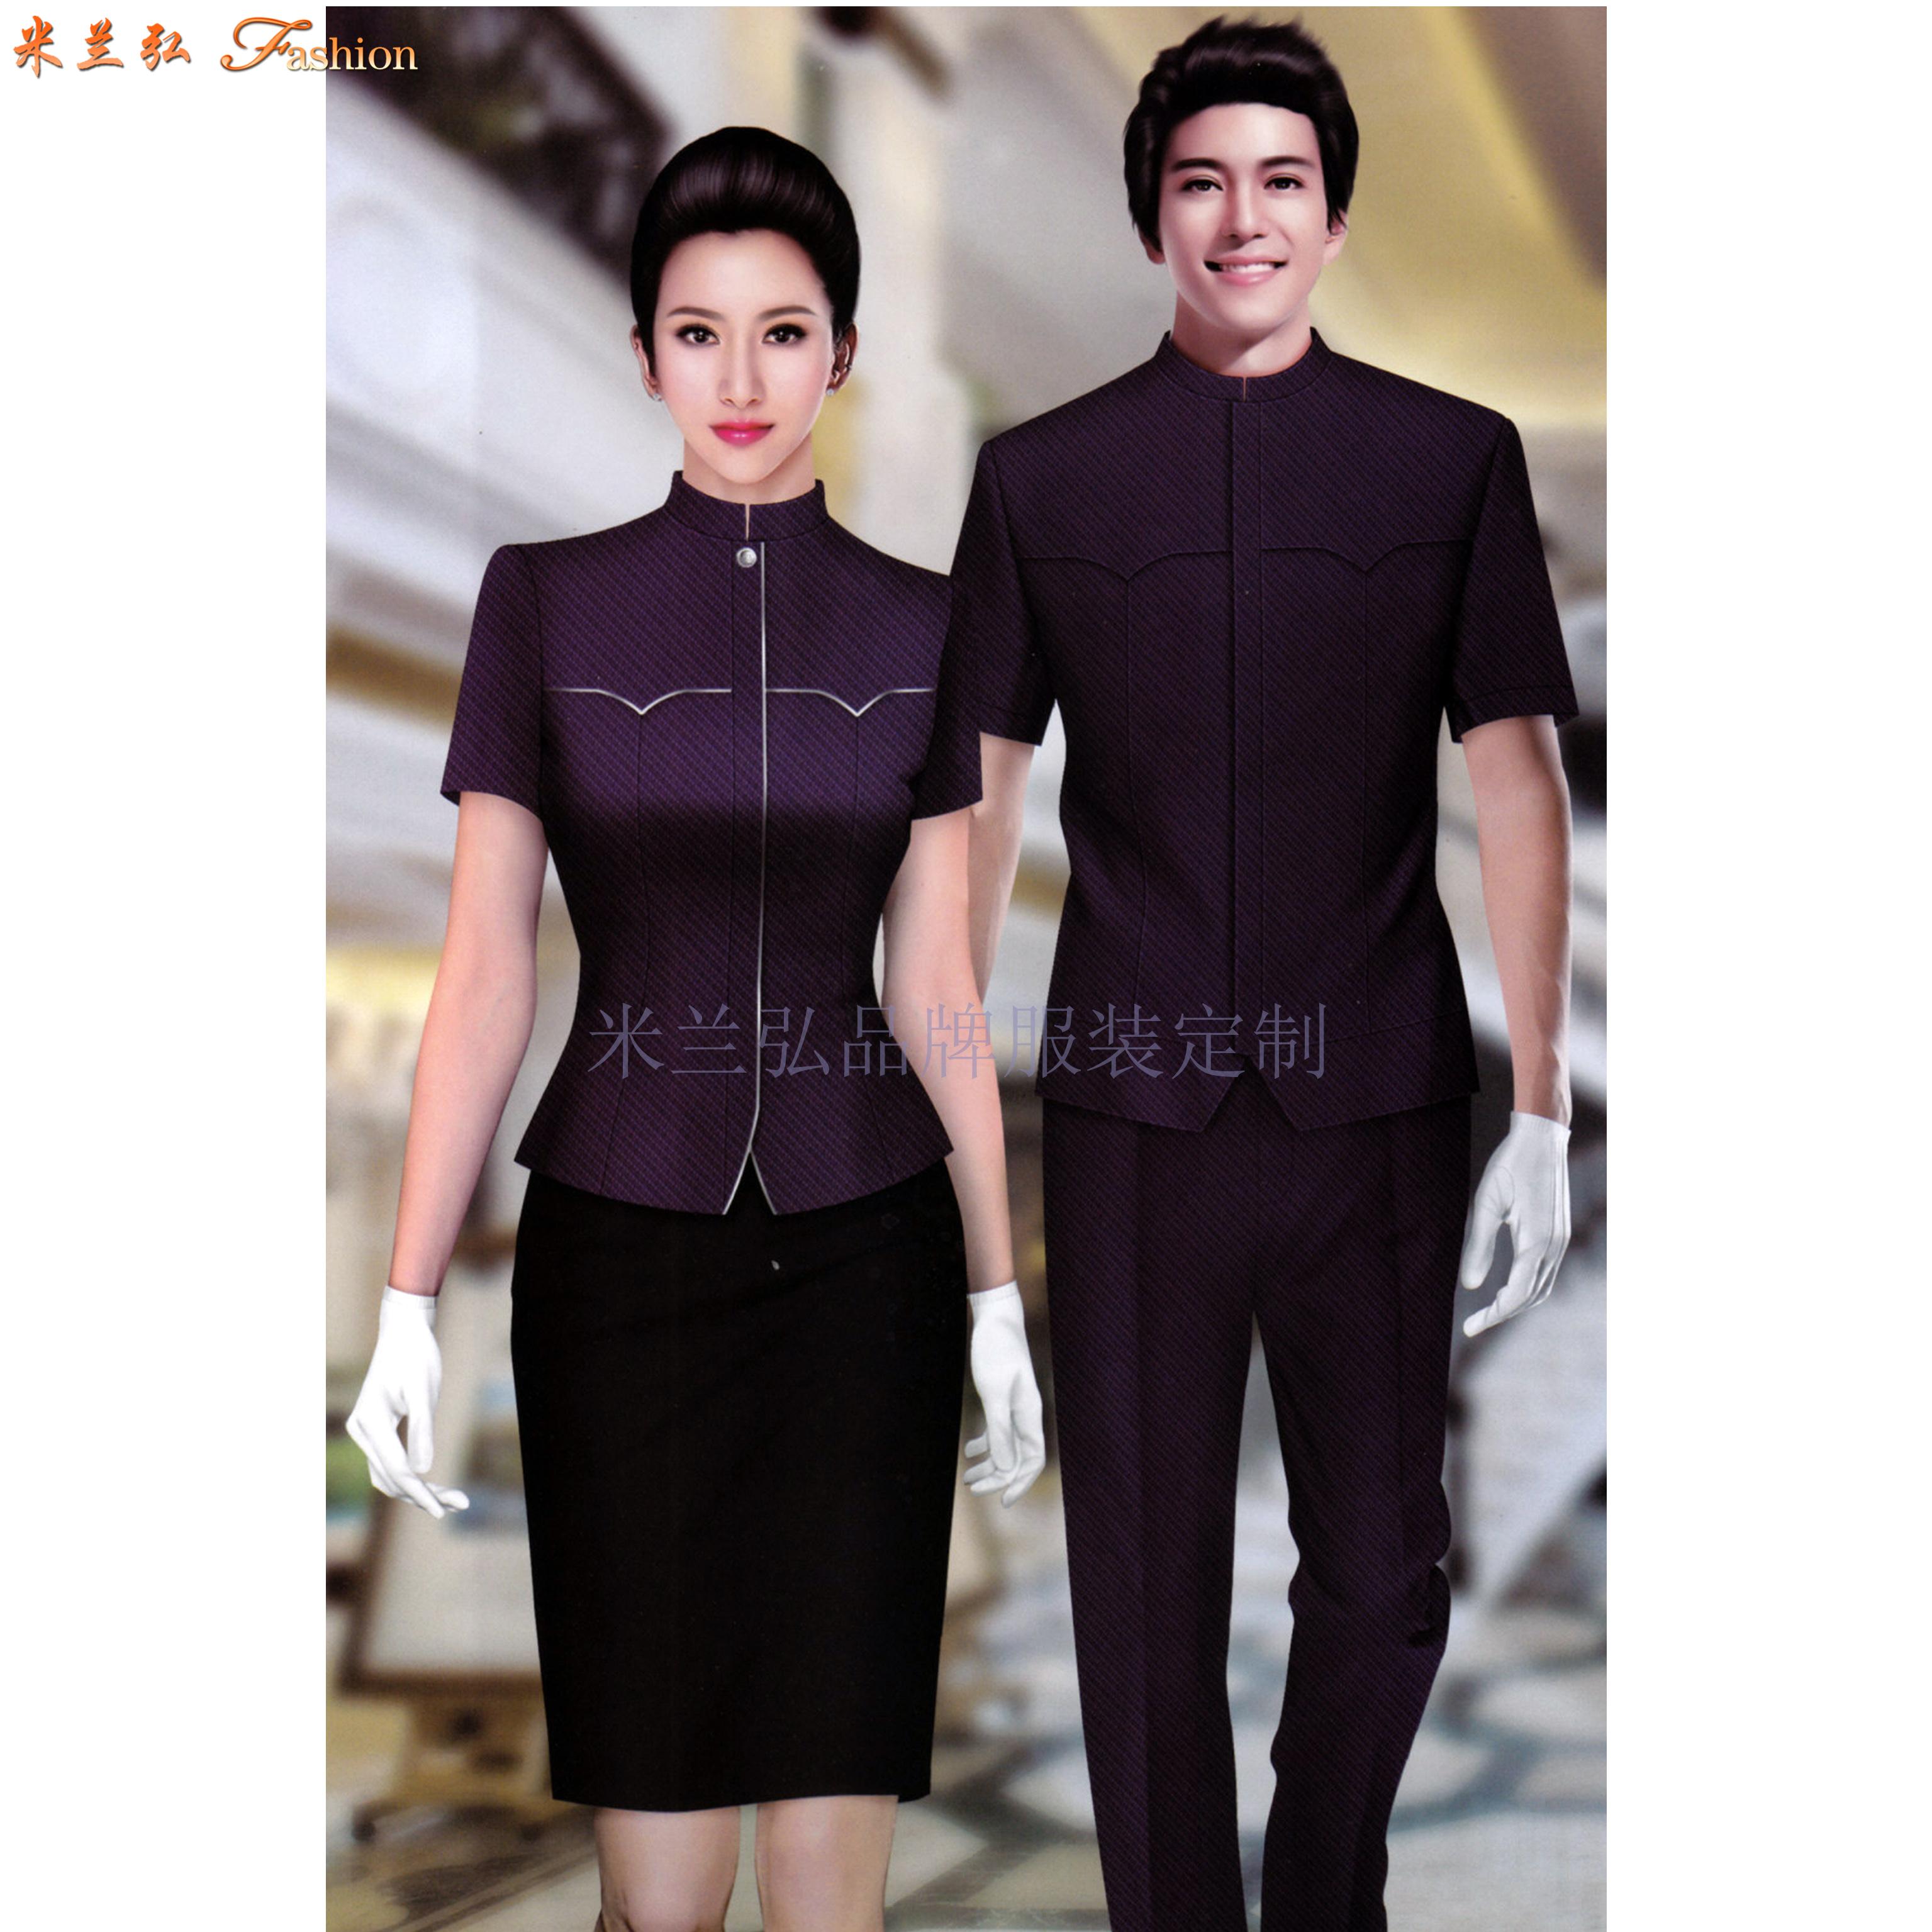 平涼酒店制服訂做-新穎潮流-米蘭弘服裝-4